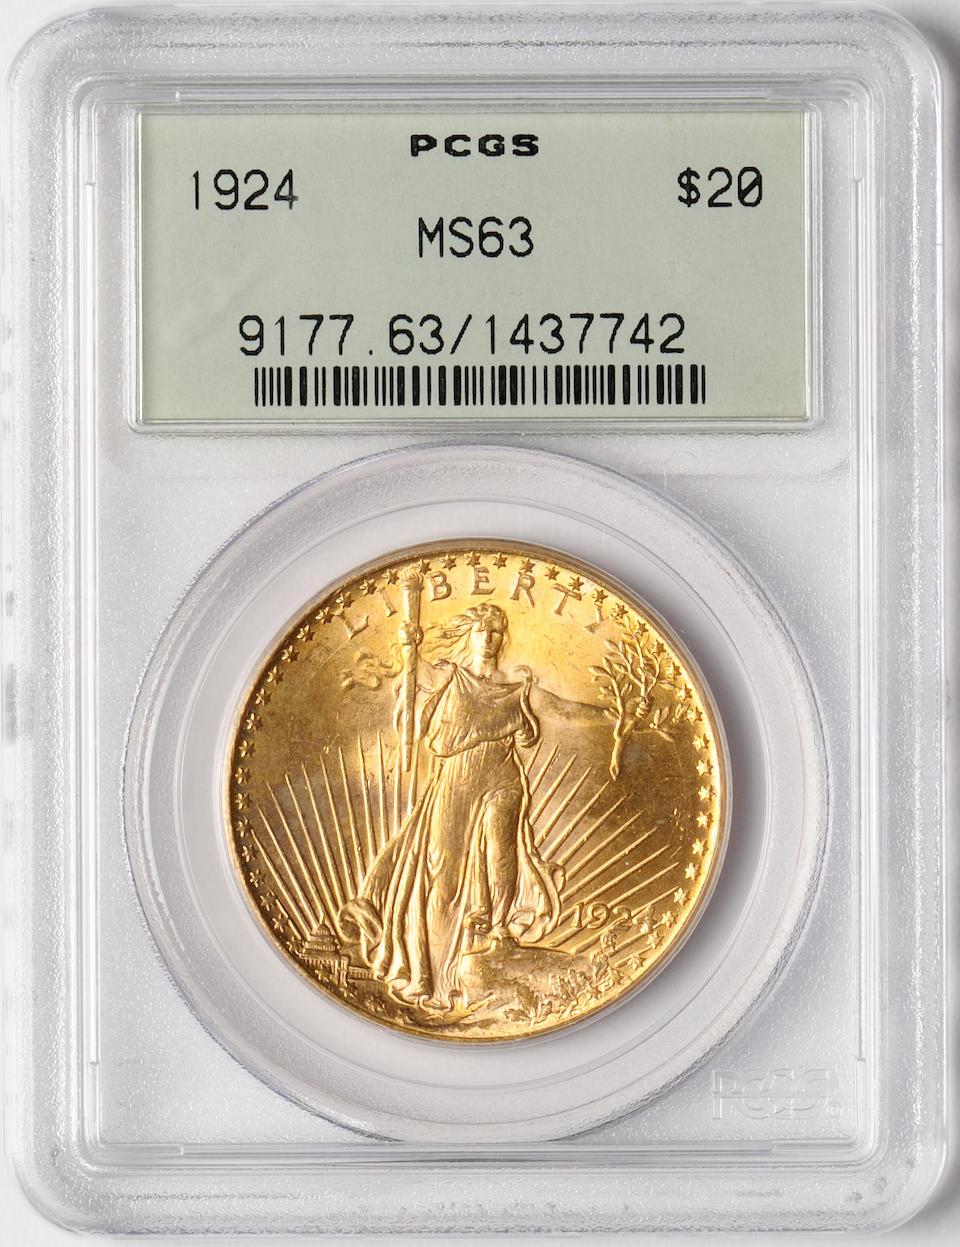 1924 MS63 PCGS